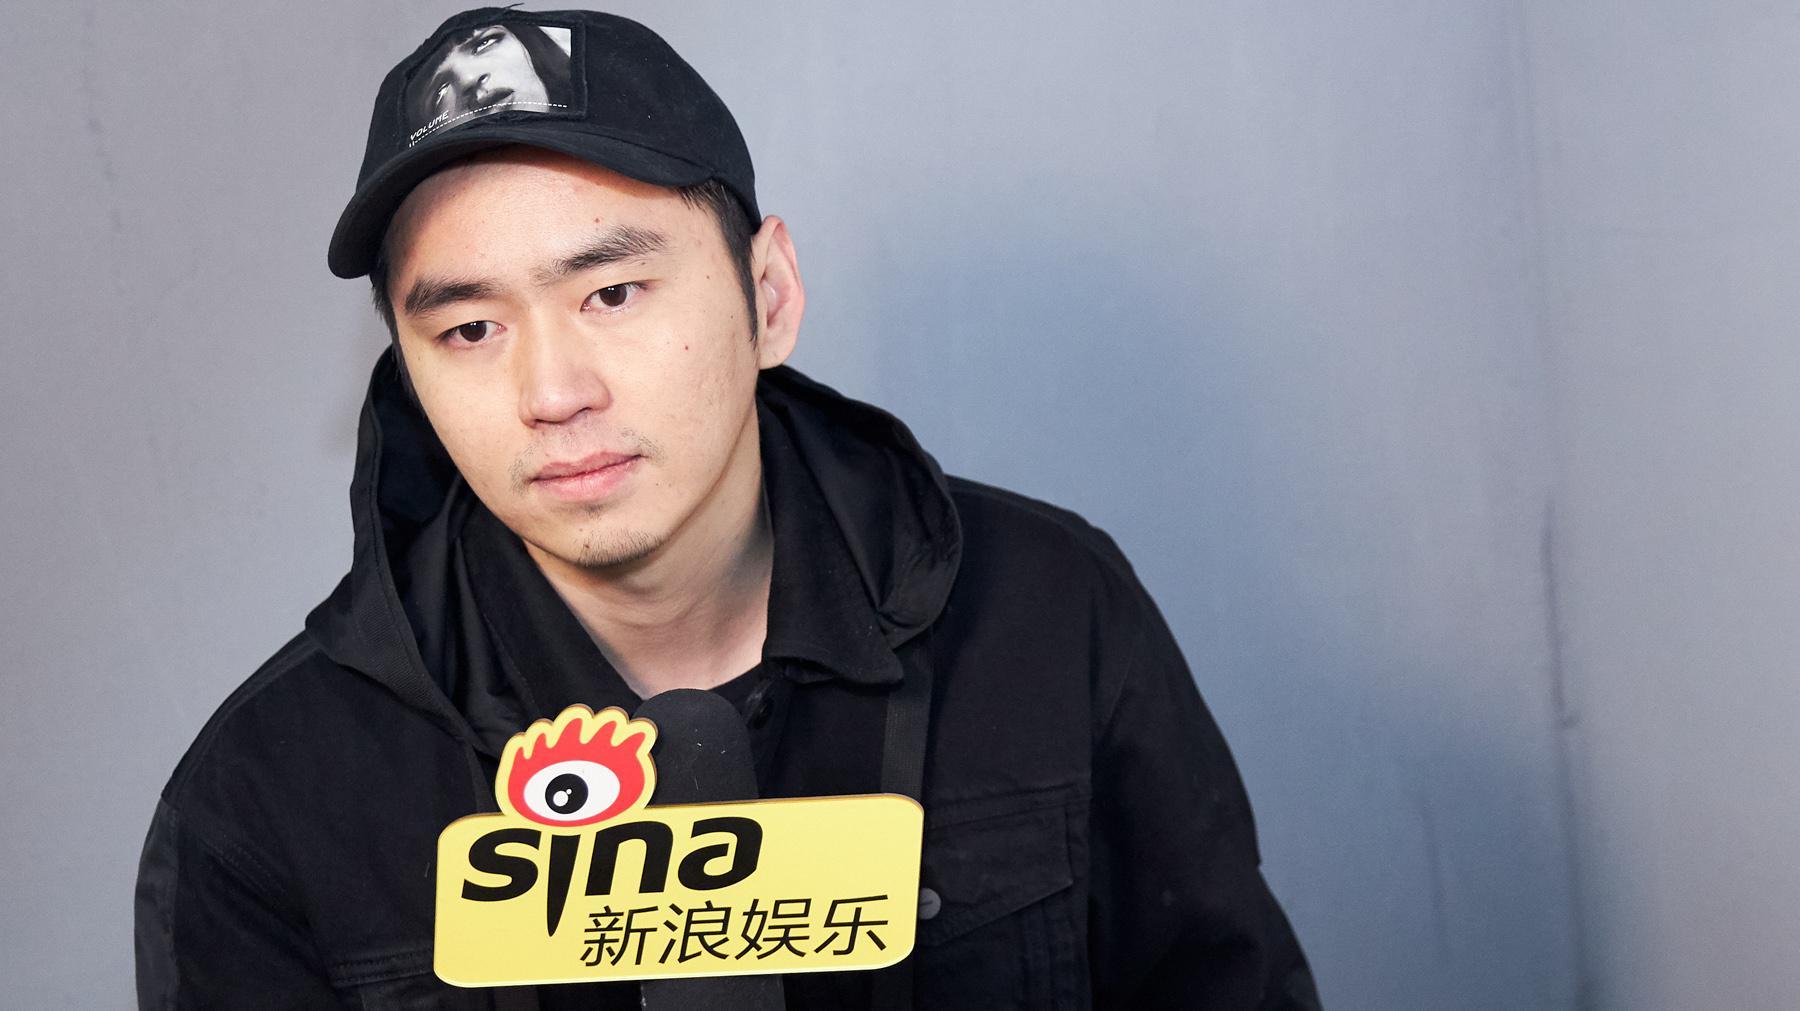 甘劍宇稱張若昀表演有張力海清受了很多苦